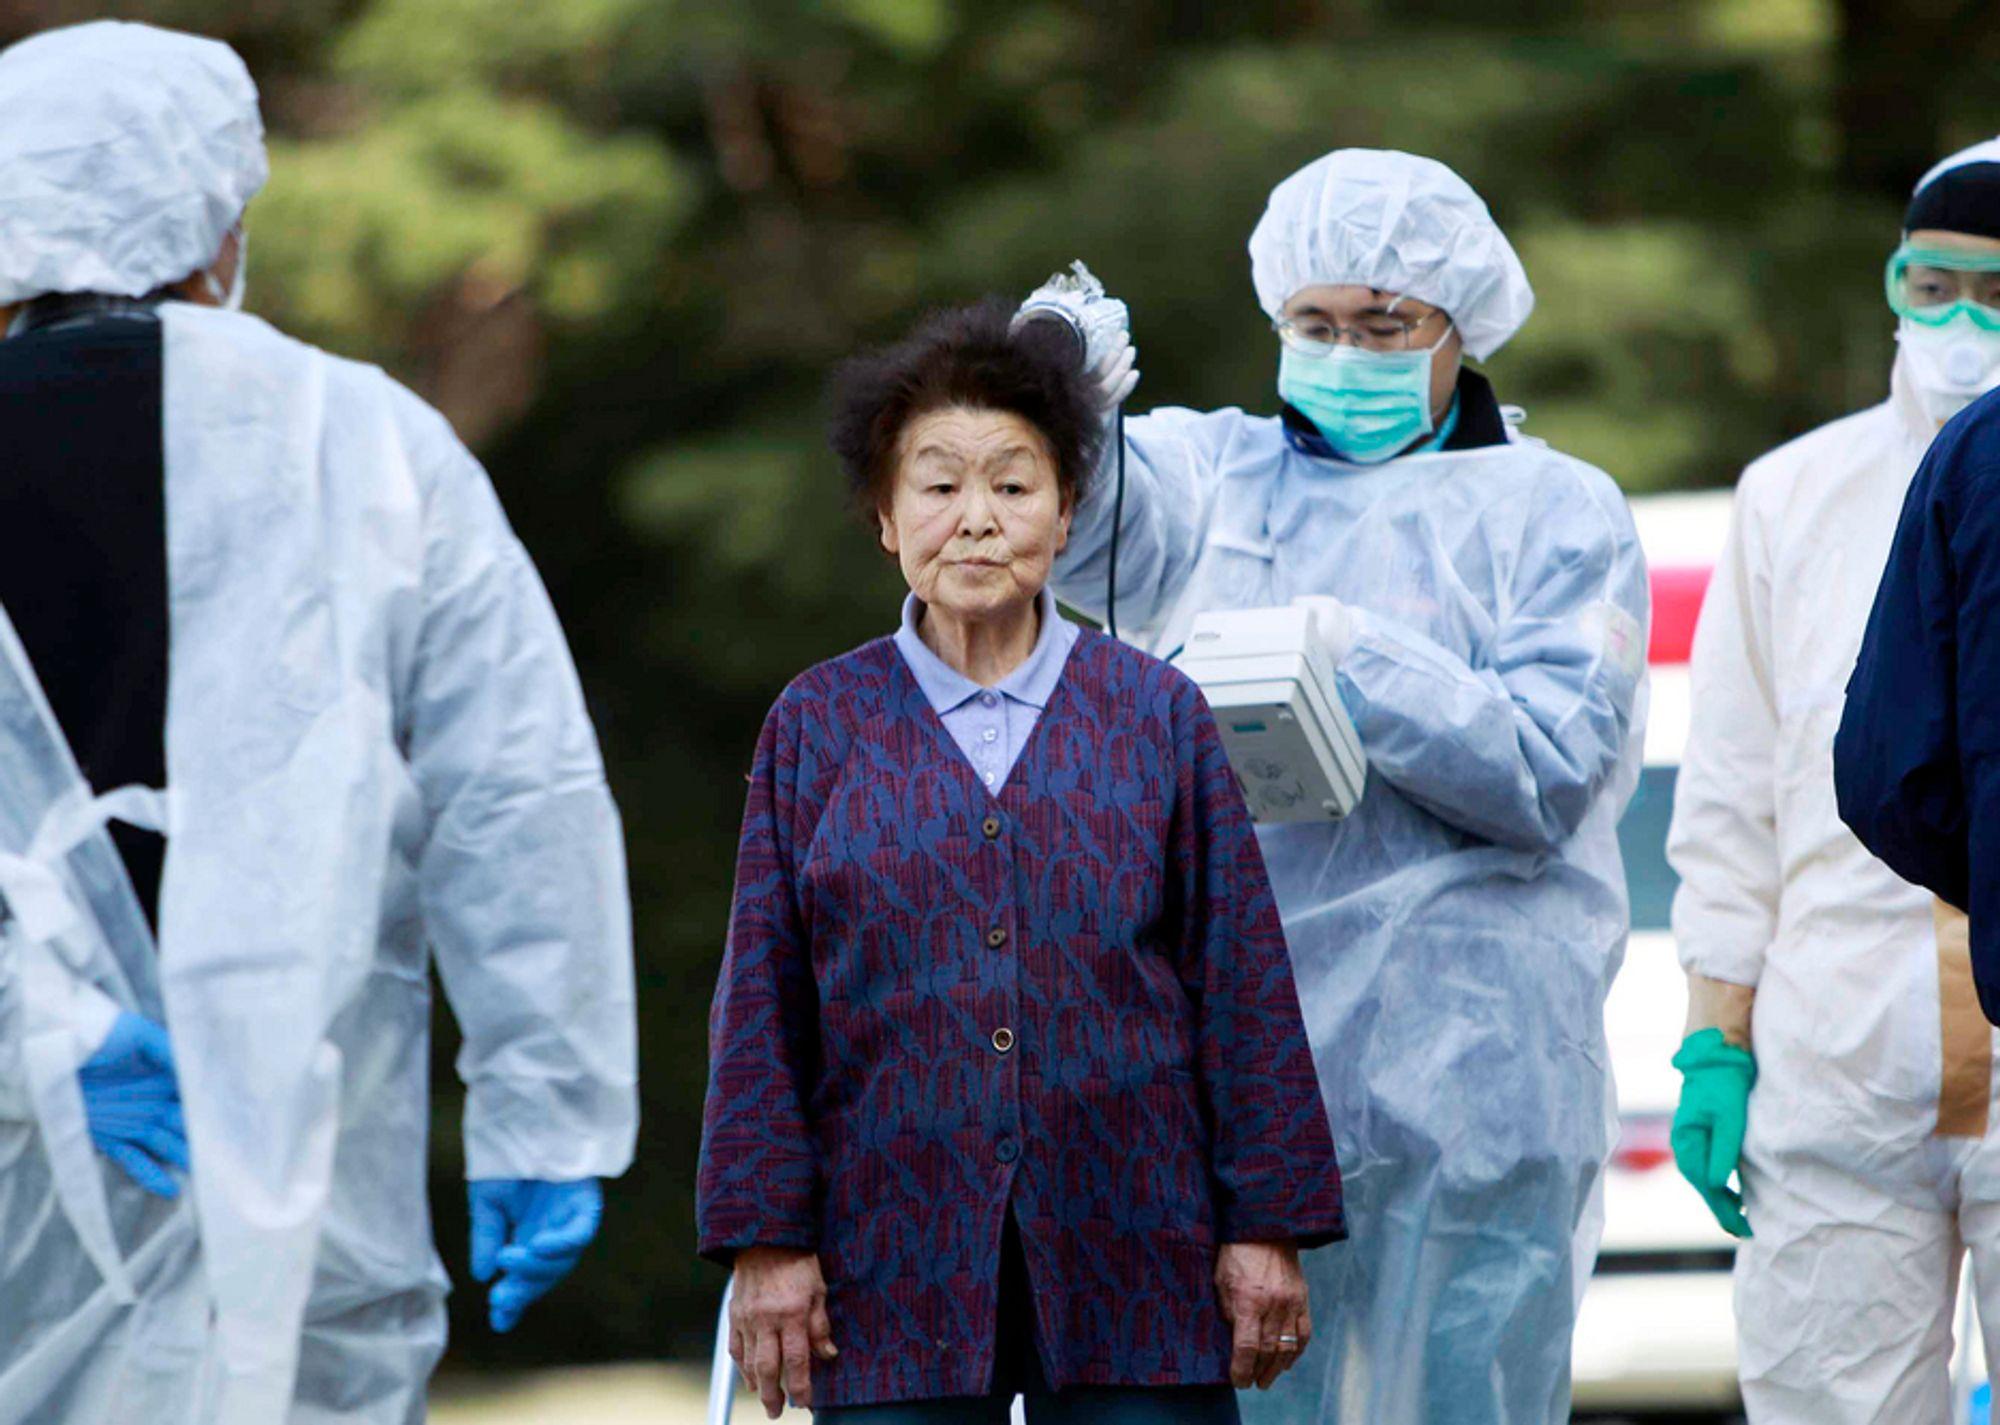 SJEKKES: I Japan måler man hvor mye stråling folk er utsatt for. I Norge har Statens Strålevern intensivert målingene etter de radioaktive utslippene i Japan. Nå måler de en minimal økning i radioaktiviteten i luft.